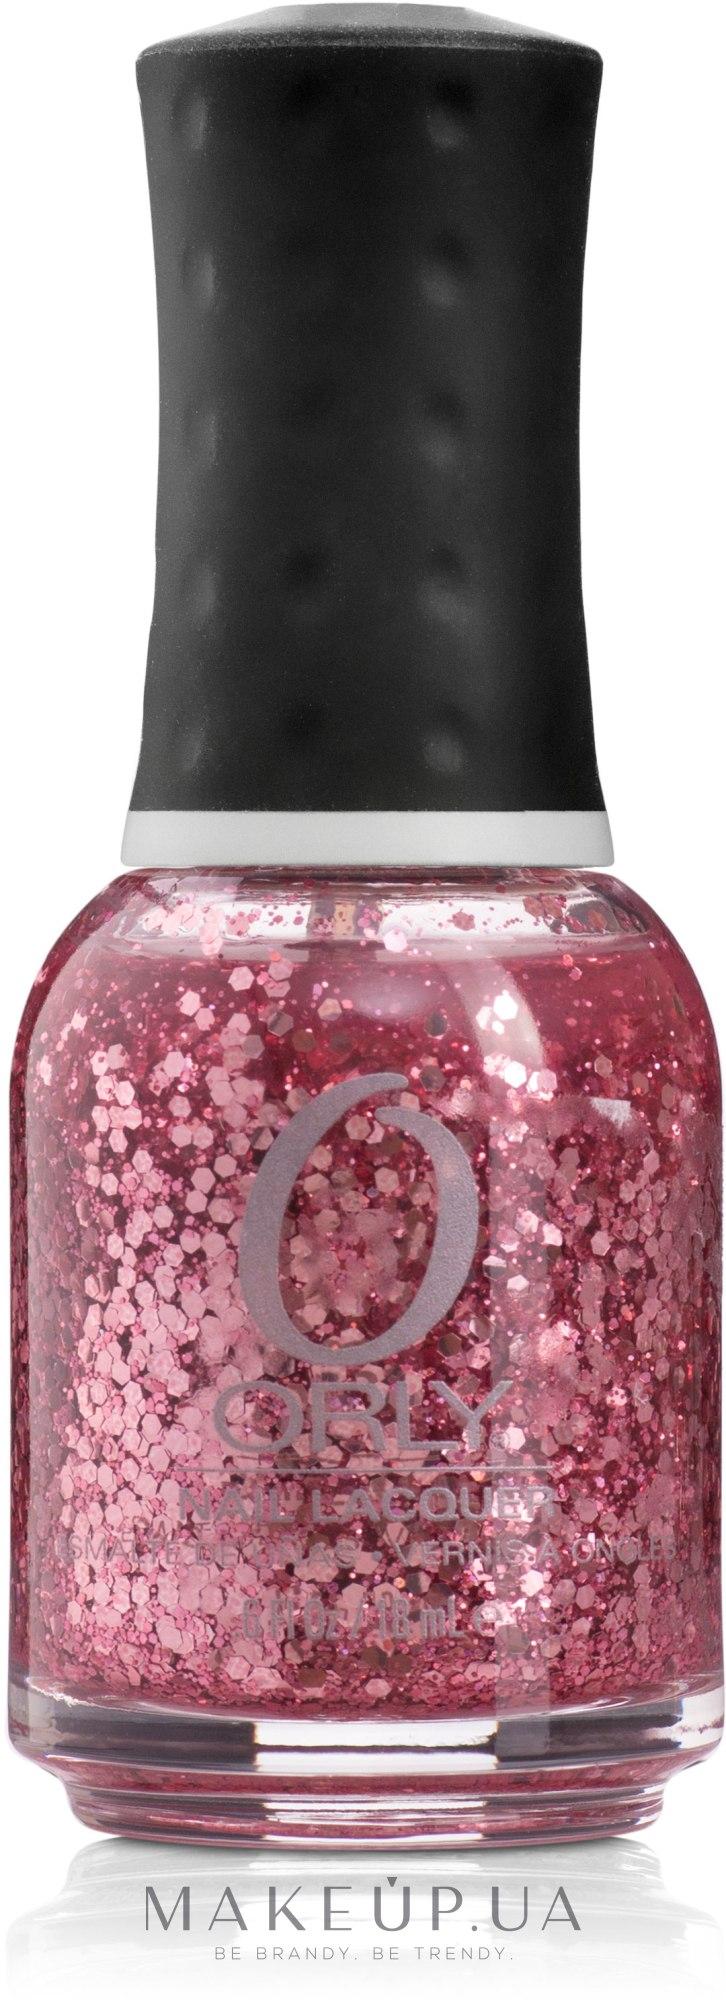 MAKEUP | Лак для ногтей - Orly Nail Lacquer: купить по ...